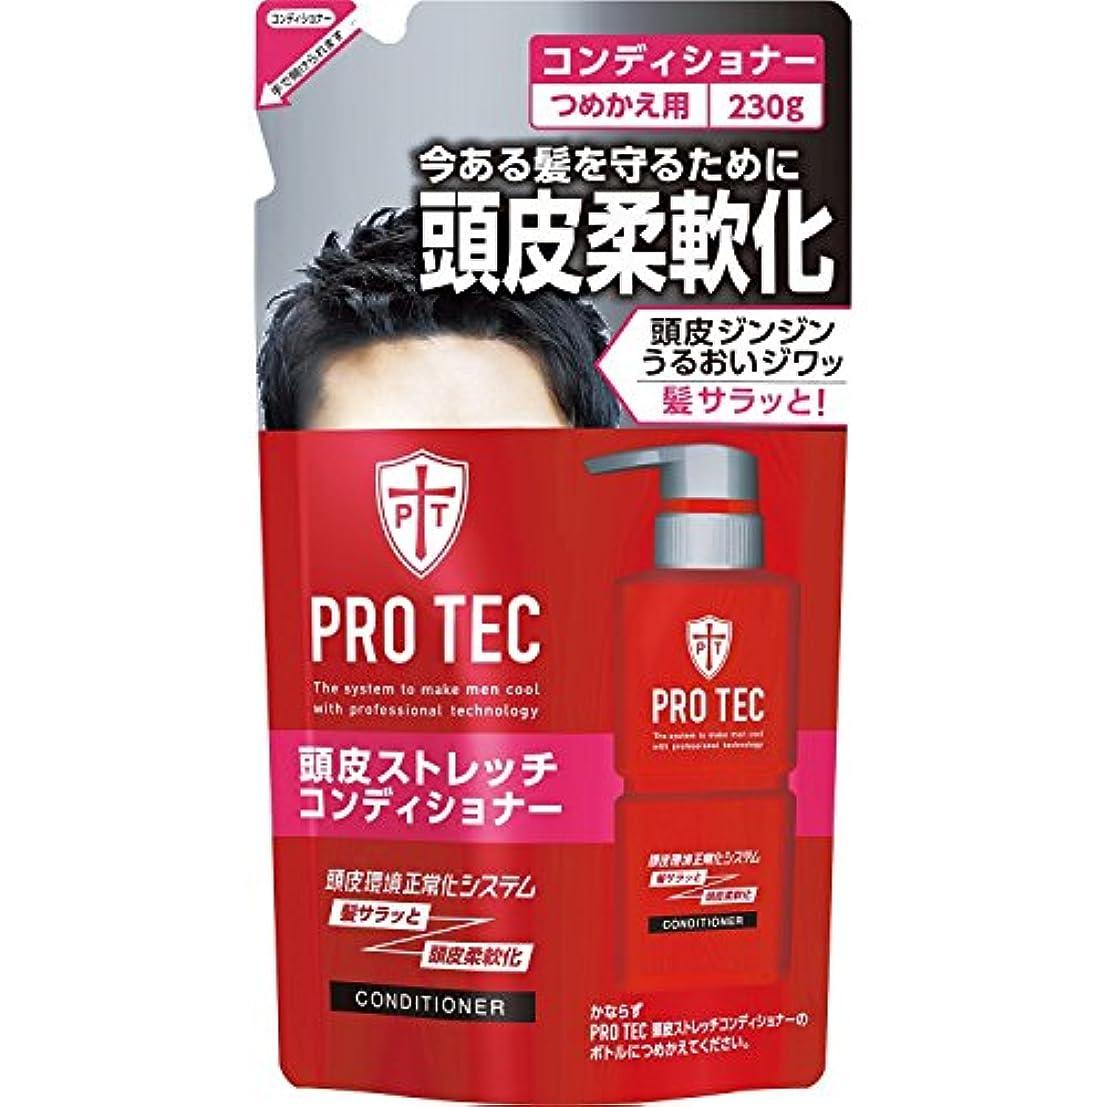 肯定的一見グローブPRO TEC(プロテク) 頭皮ストレッチ コンディショナー 詰め替え 230g